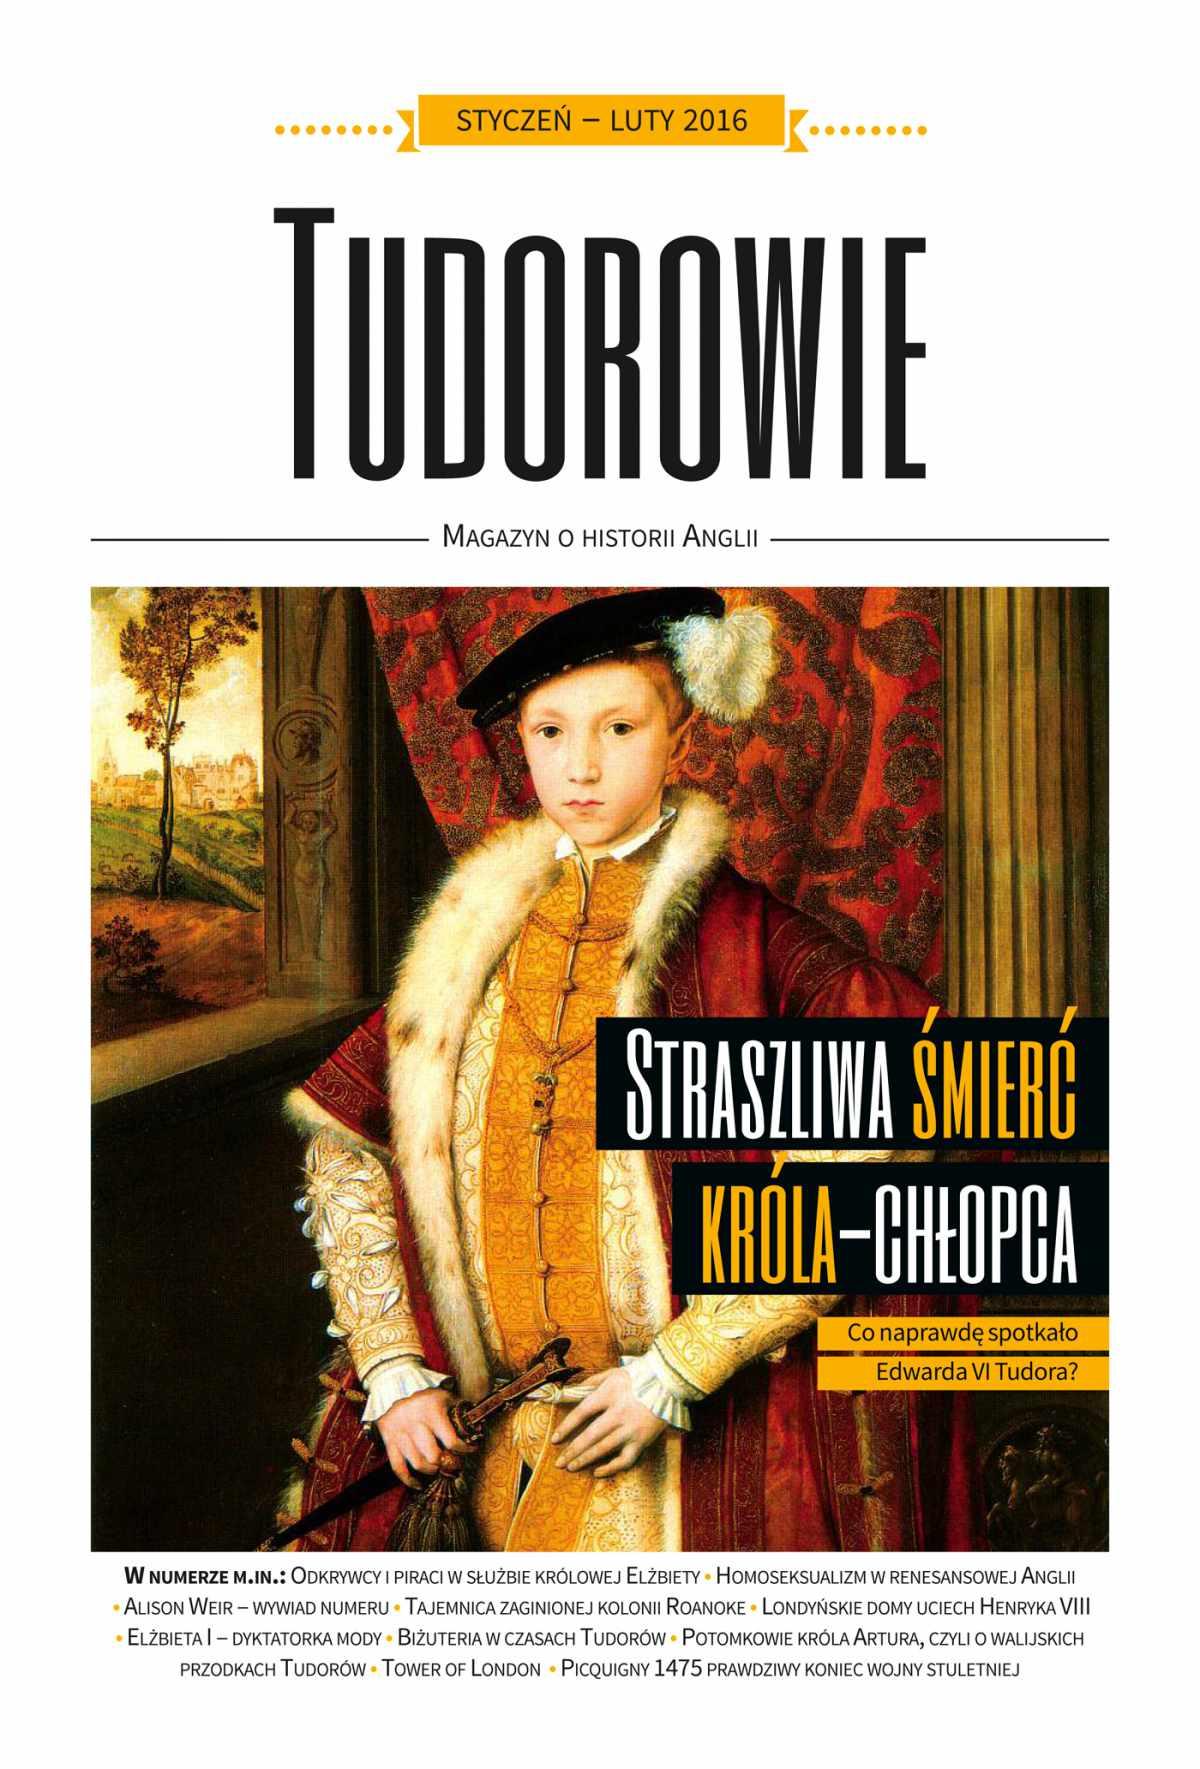 Tudorowie 1/2016 - Ebook (Książka EPUB) do pobrania w formacie EPUB